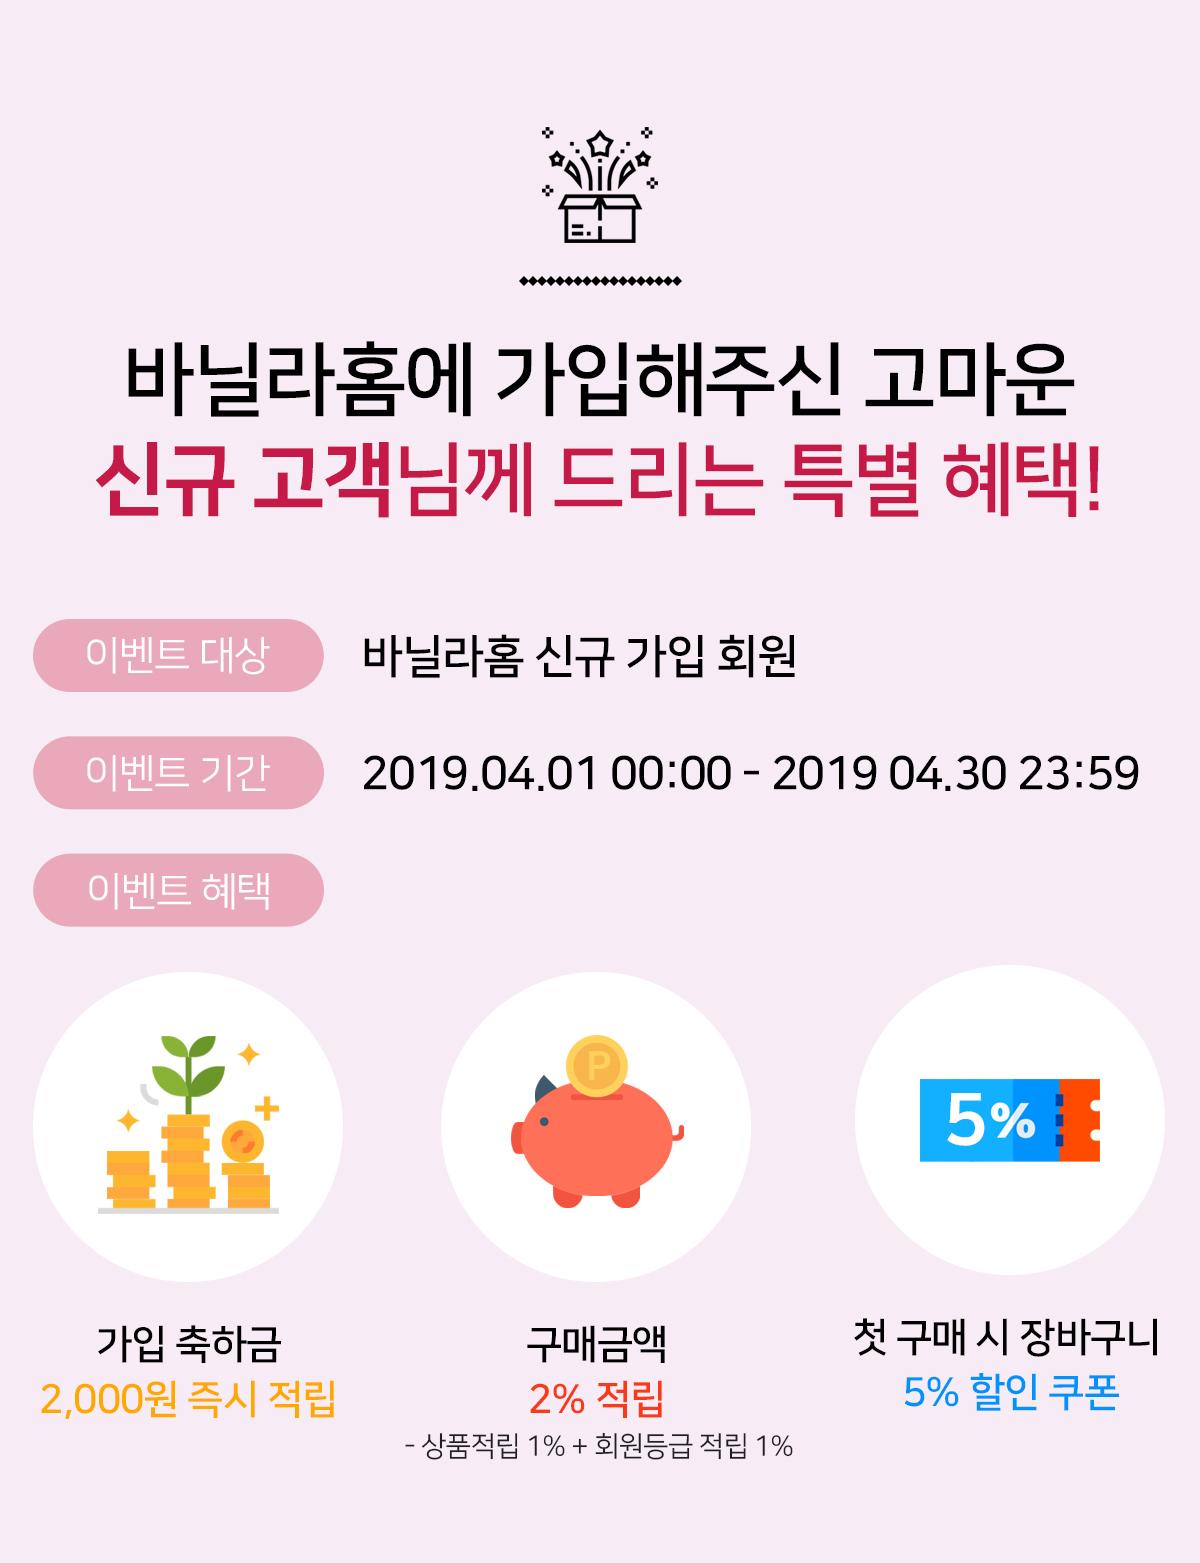 신규회원_앱다운로드 이벤트